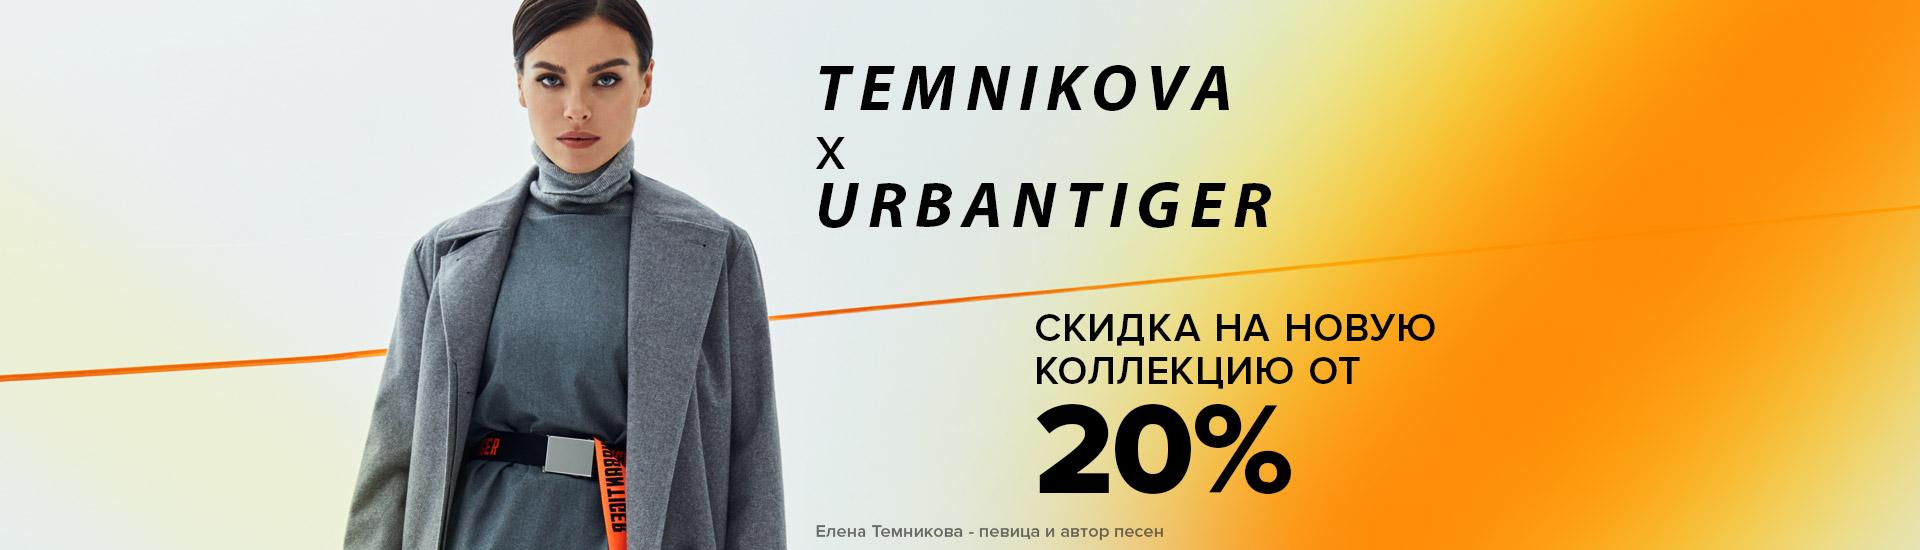 UrbanTiger